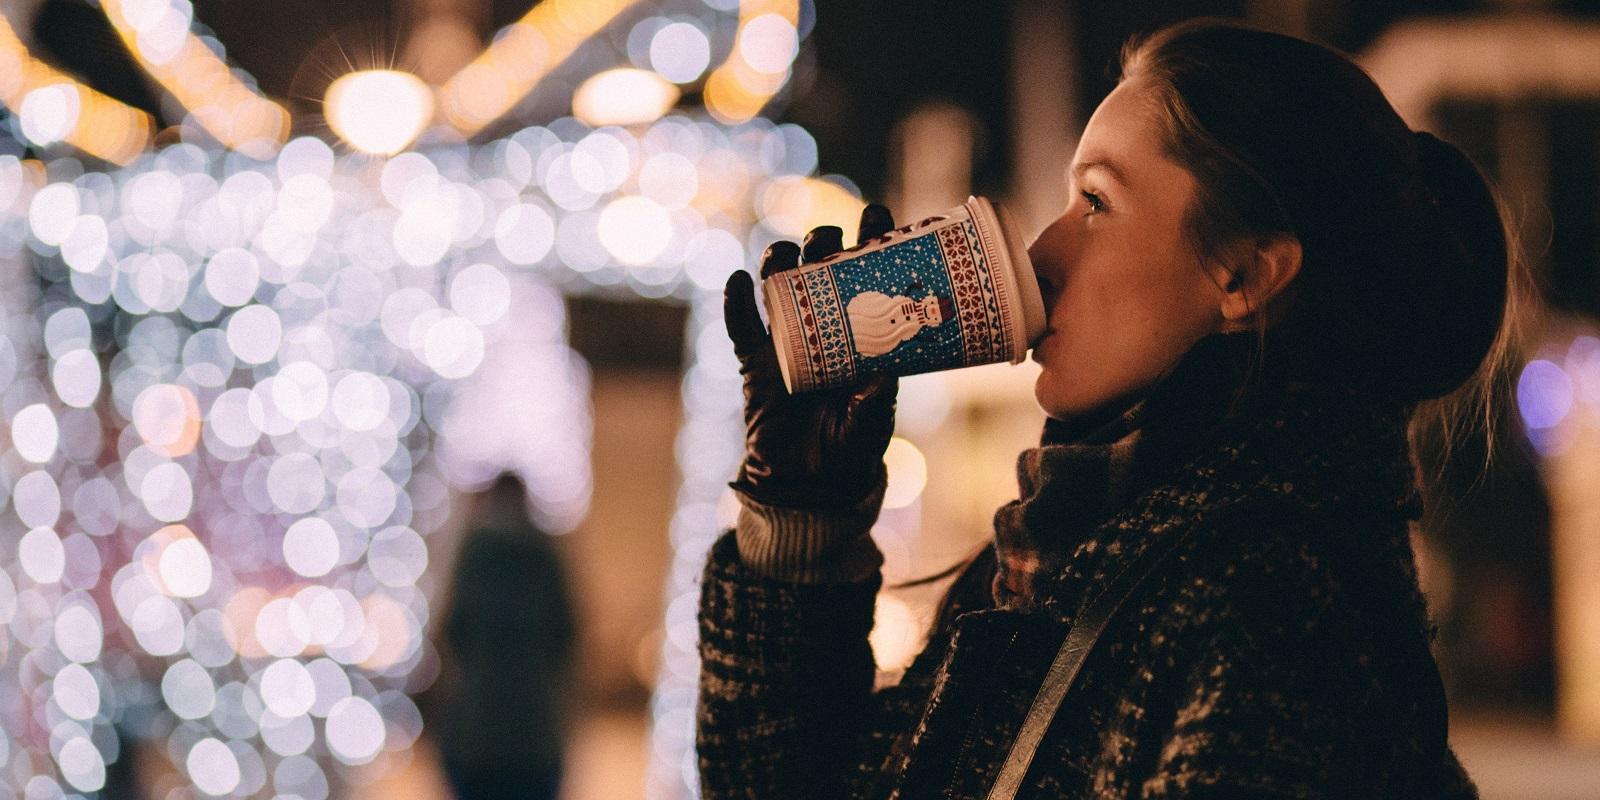 Pohodové vánoční nákupy nebo noční můra?